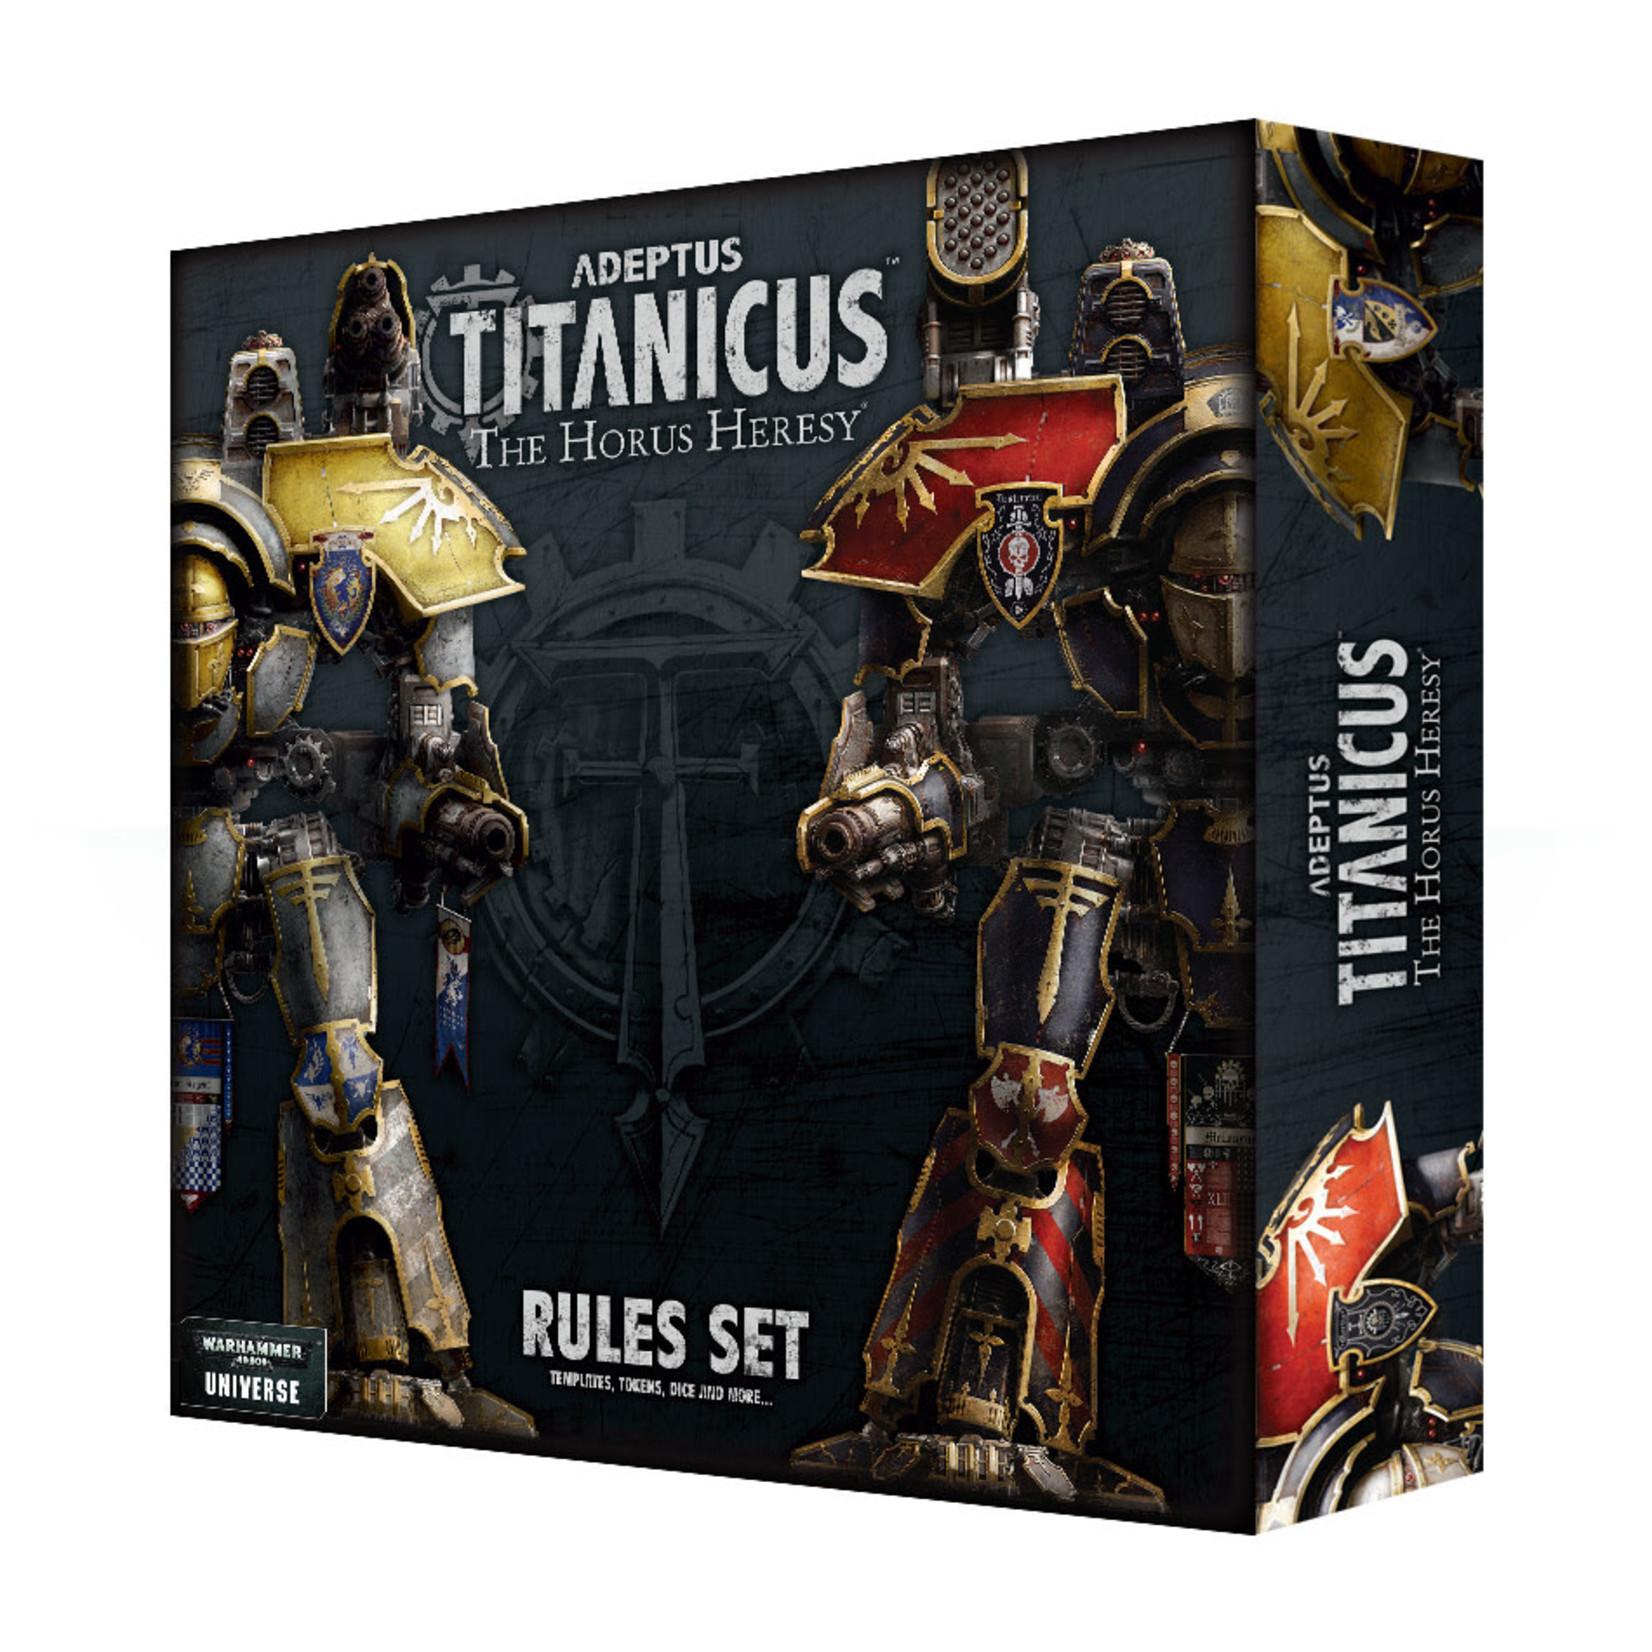 Games Workshop Adeptus Titanicus Rules Set